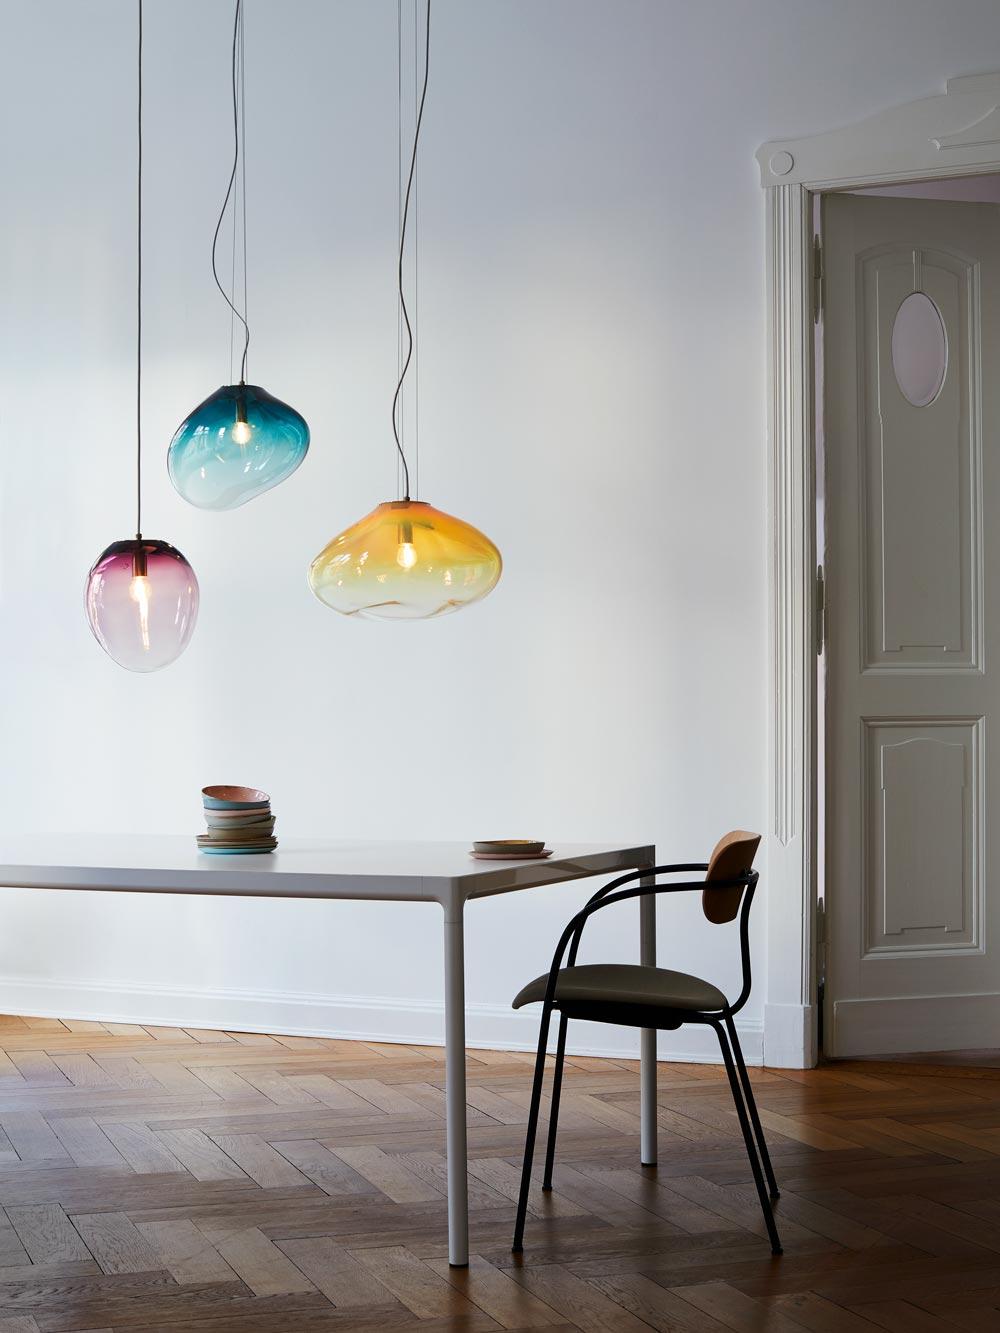 ELOA Designer Hängeleuchte organische Form mundgeblasenes Glas brillantes Kristallglas hochwertige Luxusleuchten einzigartige Modelle